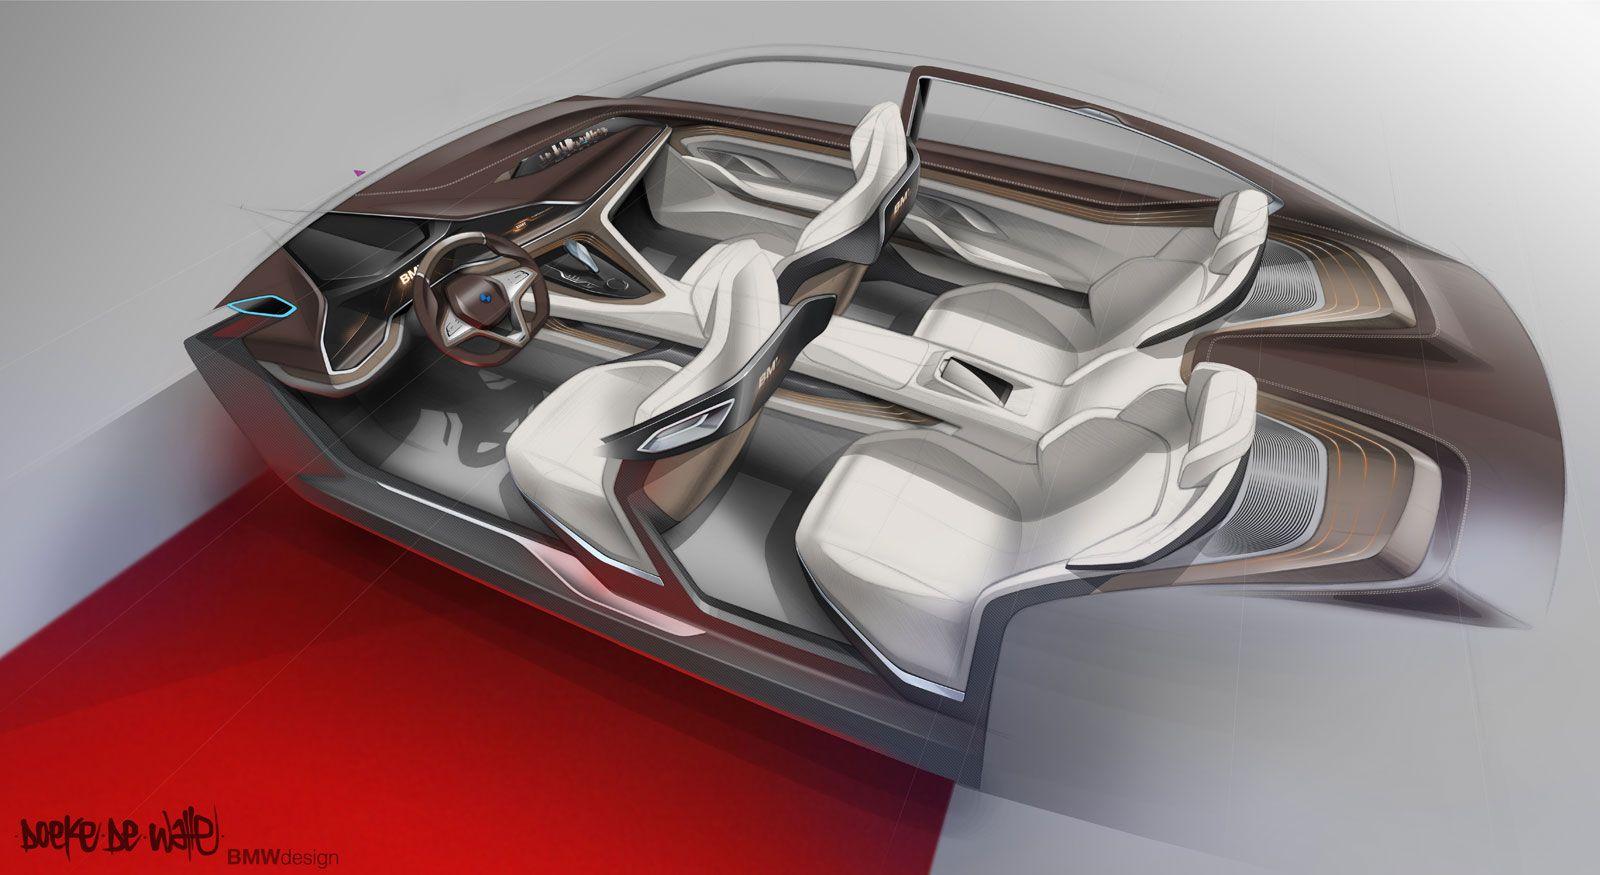 Bmw vision future luxury concept interior design sketch by doeke de walle